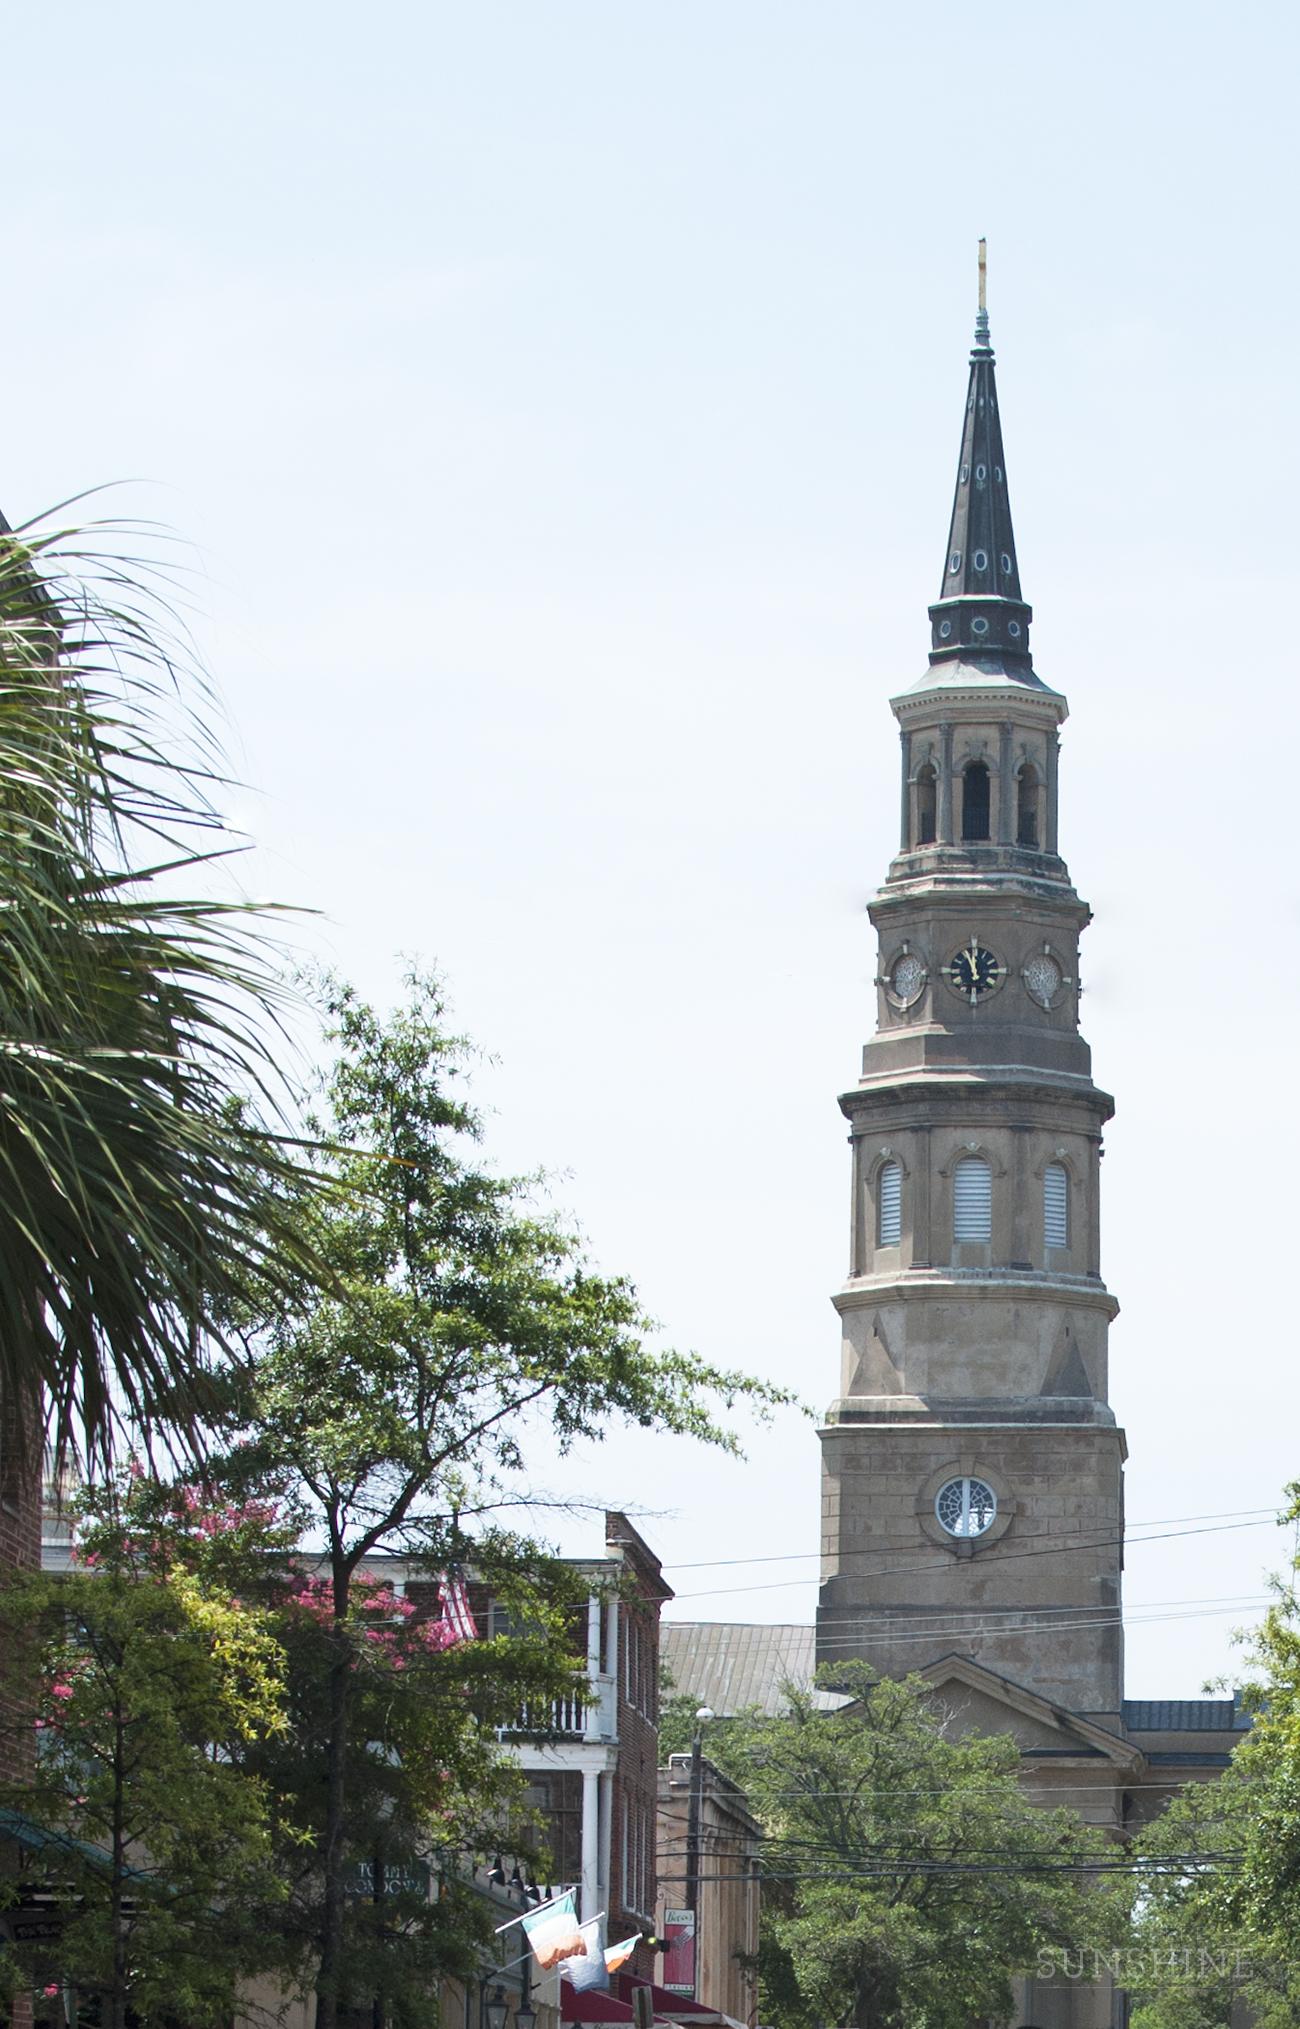 Snapshots from wandering around Charleston, SC